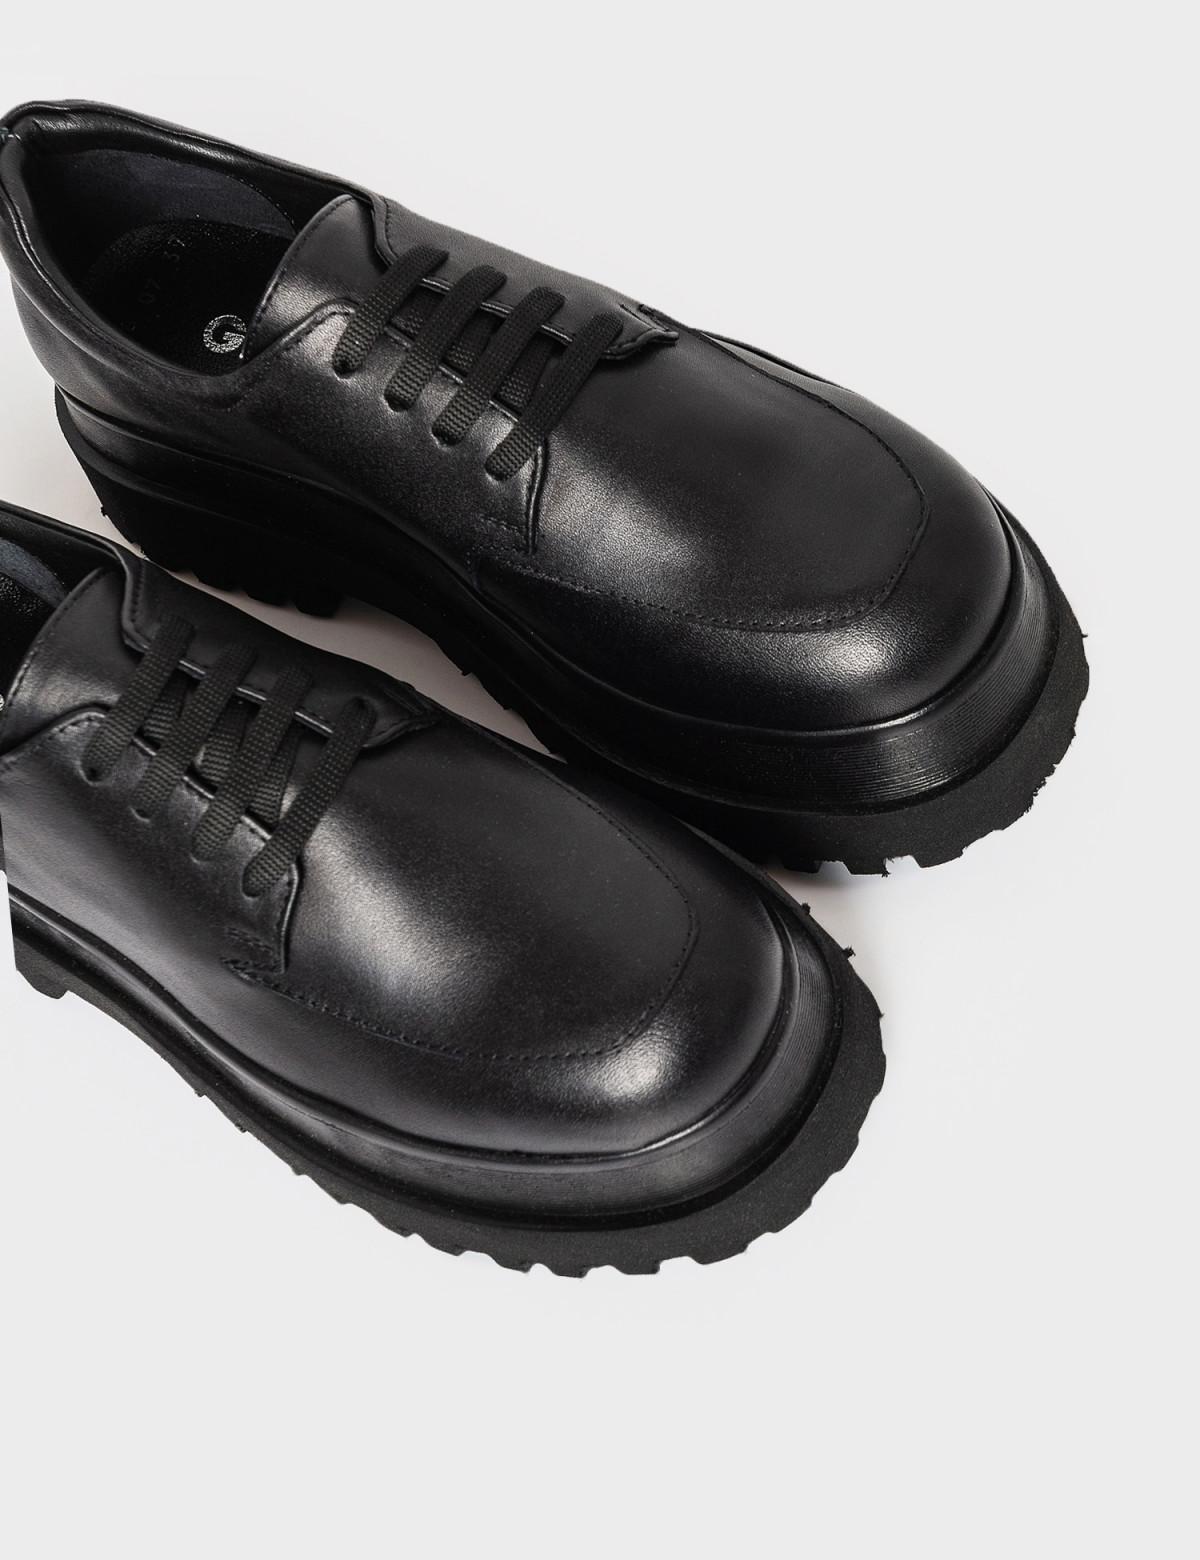 Туфлі чорні. Натуральна шкіра3